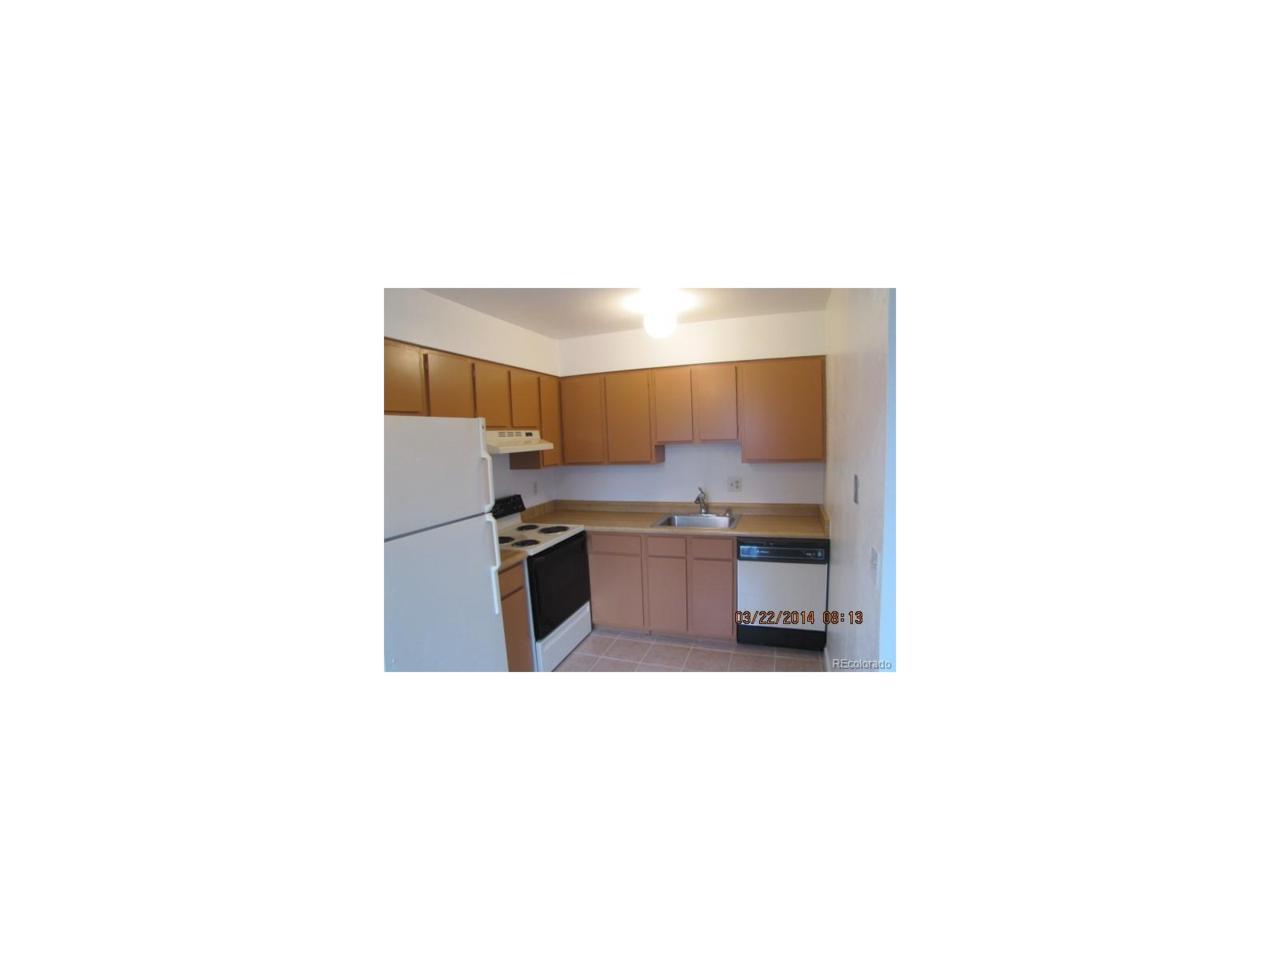 9340 W 49th Avenue #218, Wheat Ridge, CO 80033 (MLS #3129892) :: 8z Real Estate